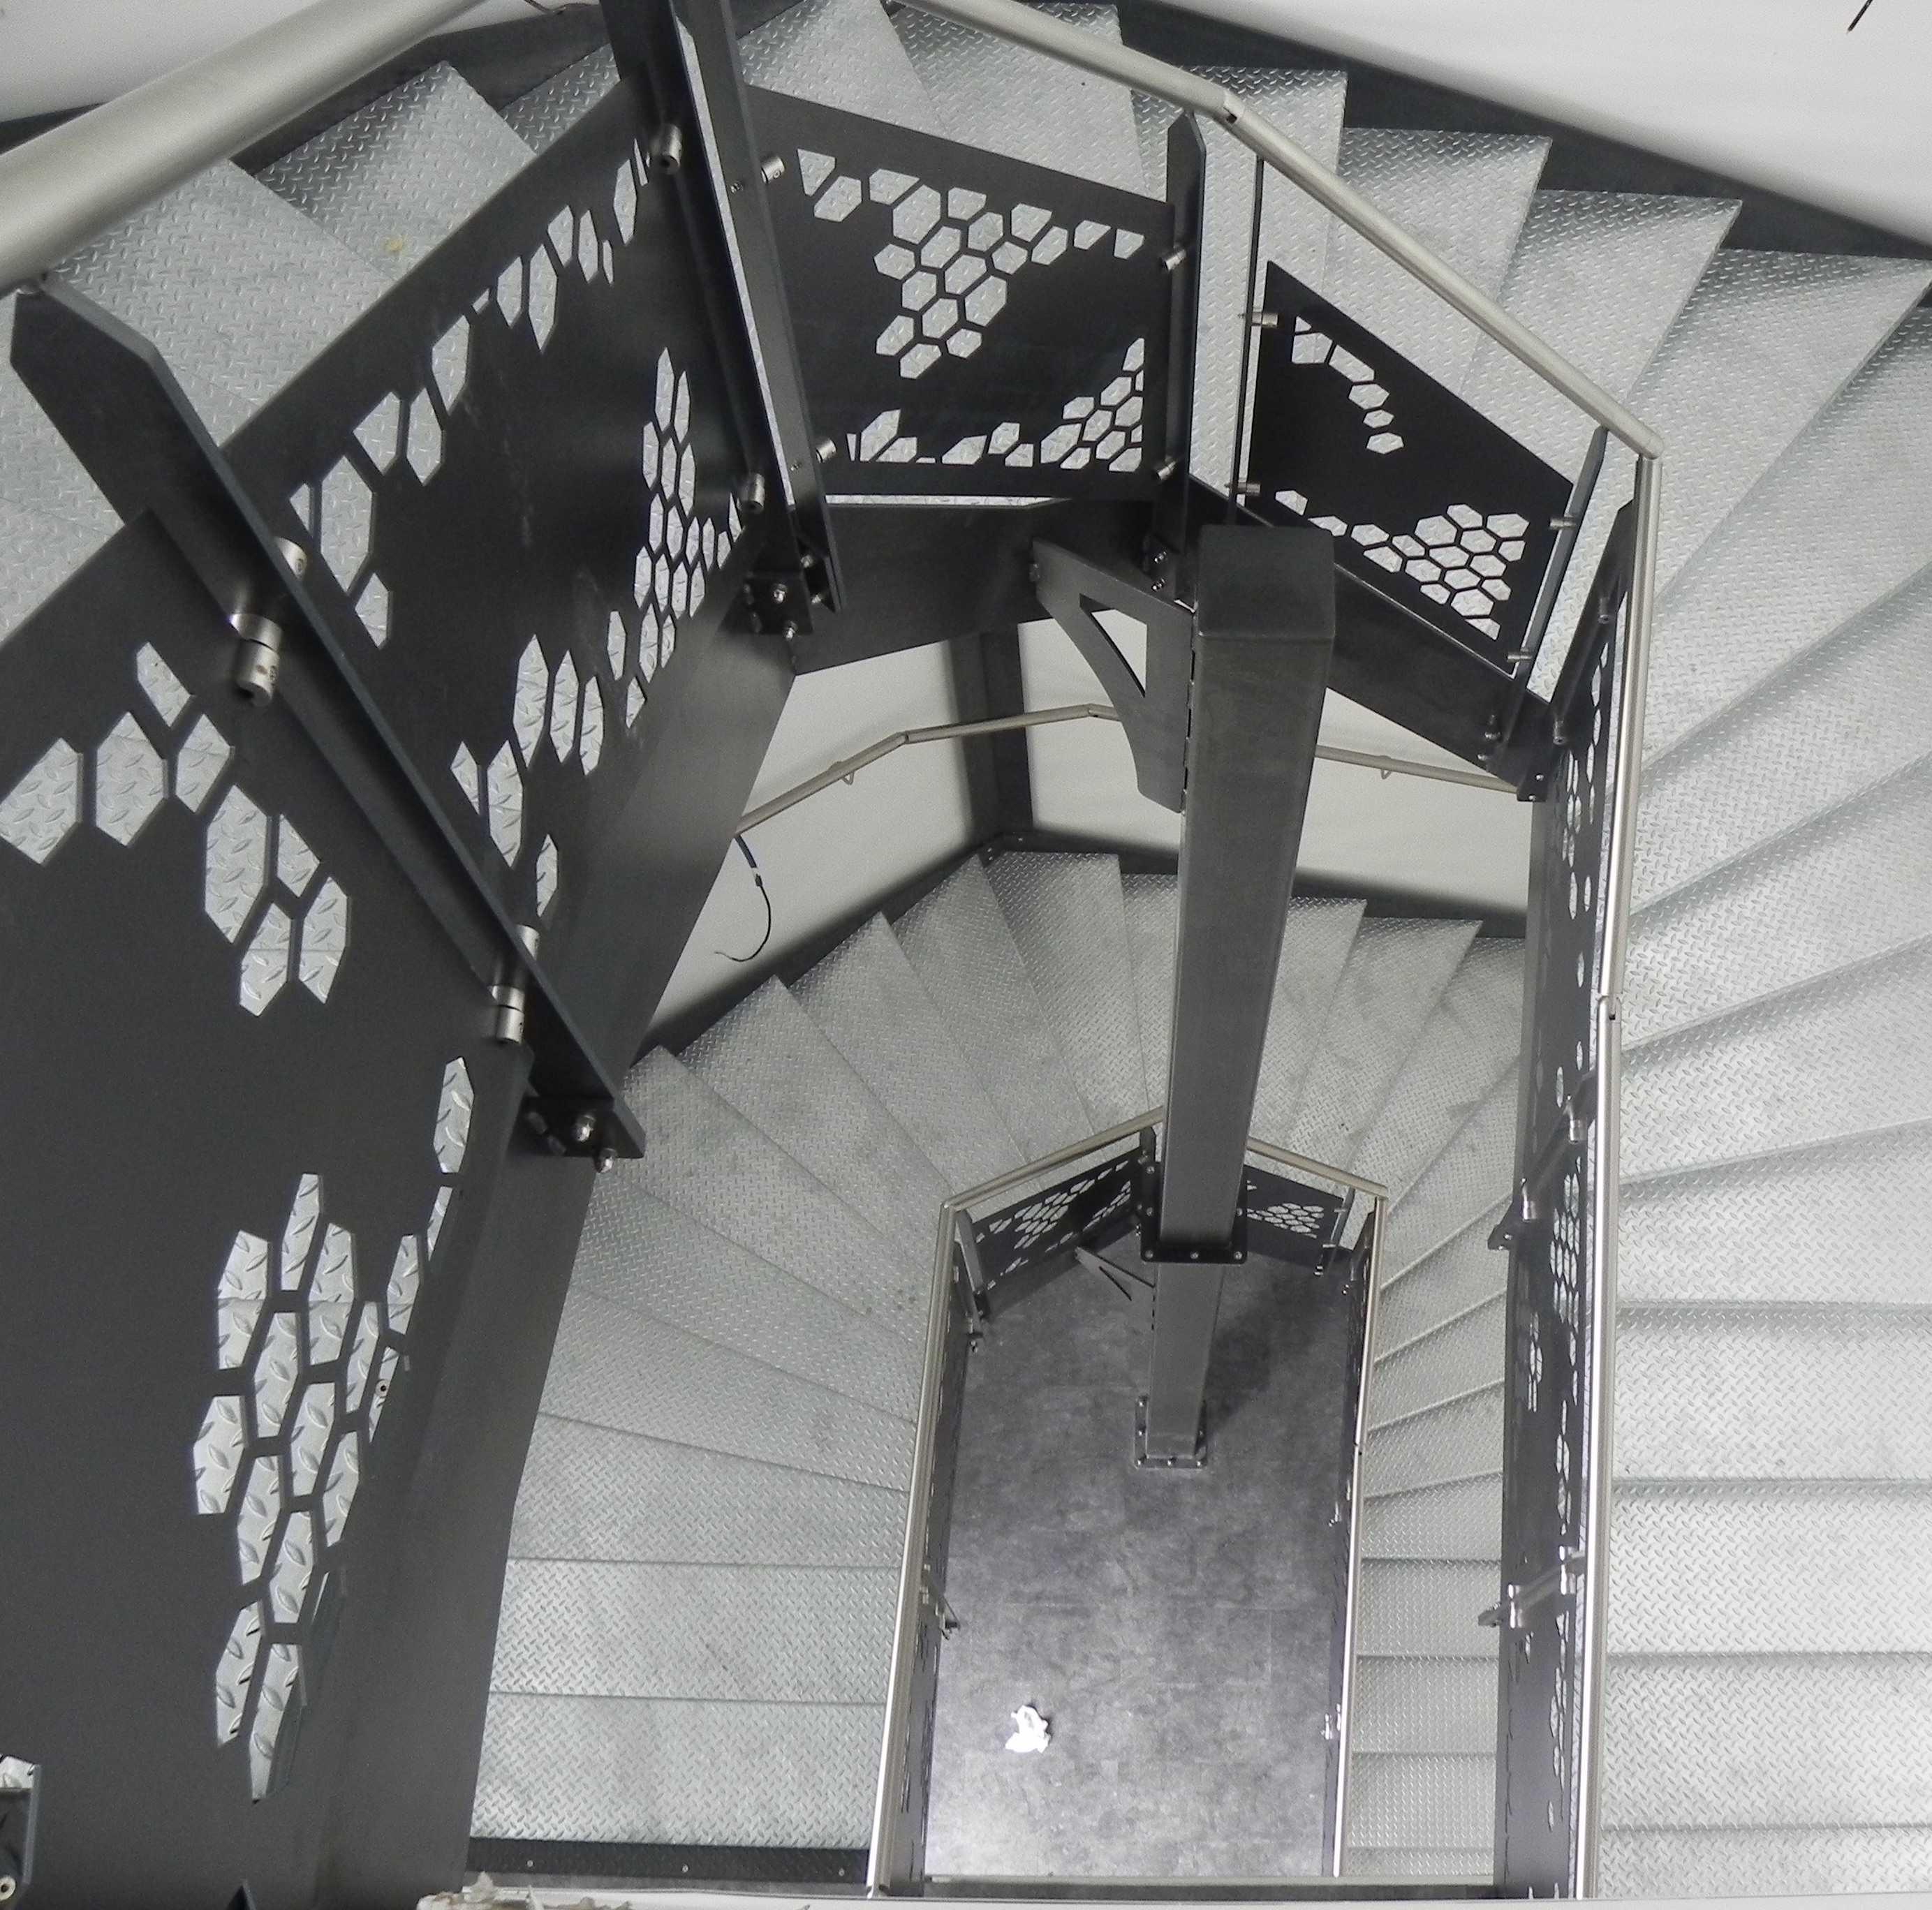 Escalier deux unités de passage suivant les normes d'accéssibilité PMR et ERP